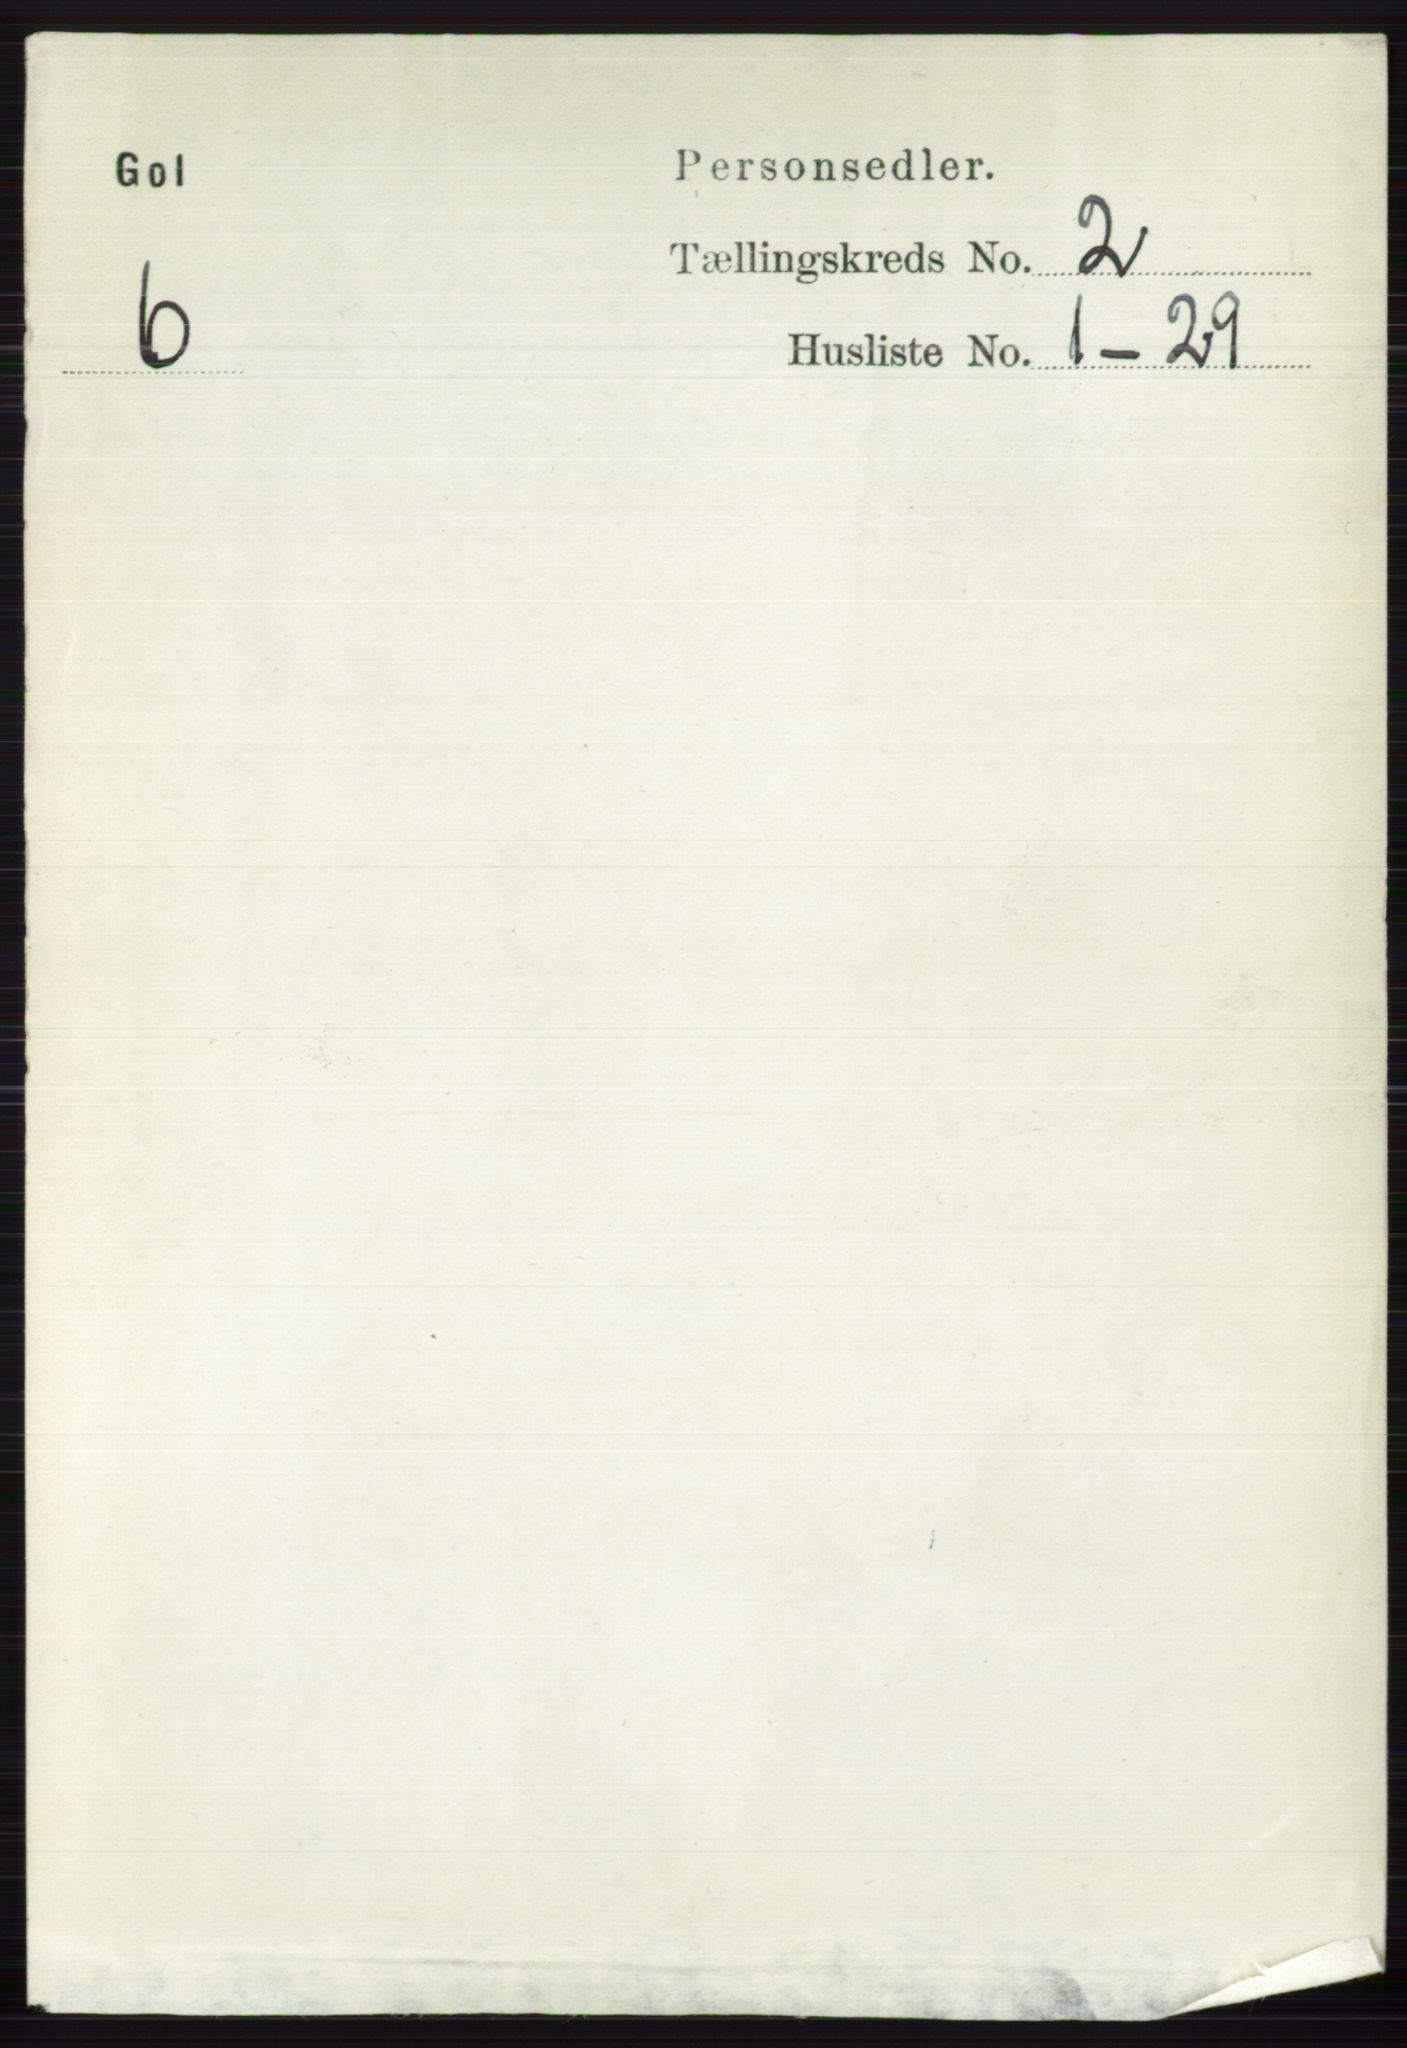 RA, Folketelling 1891 for 0617 Gol og Hemsedal herred, 1891, s. 713